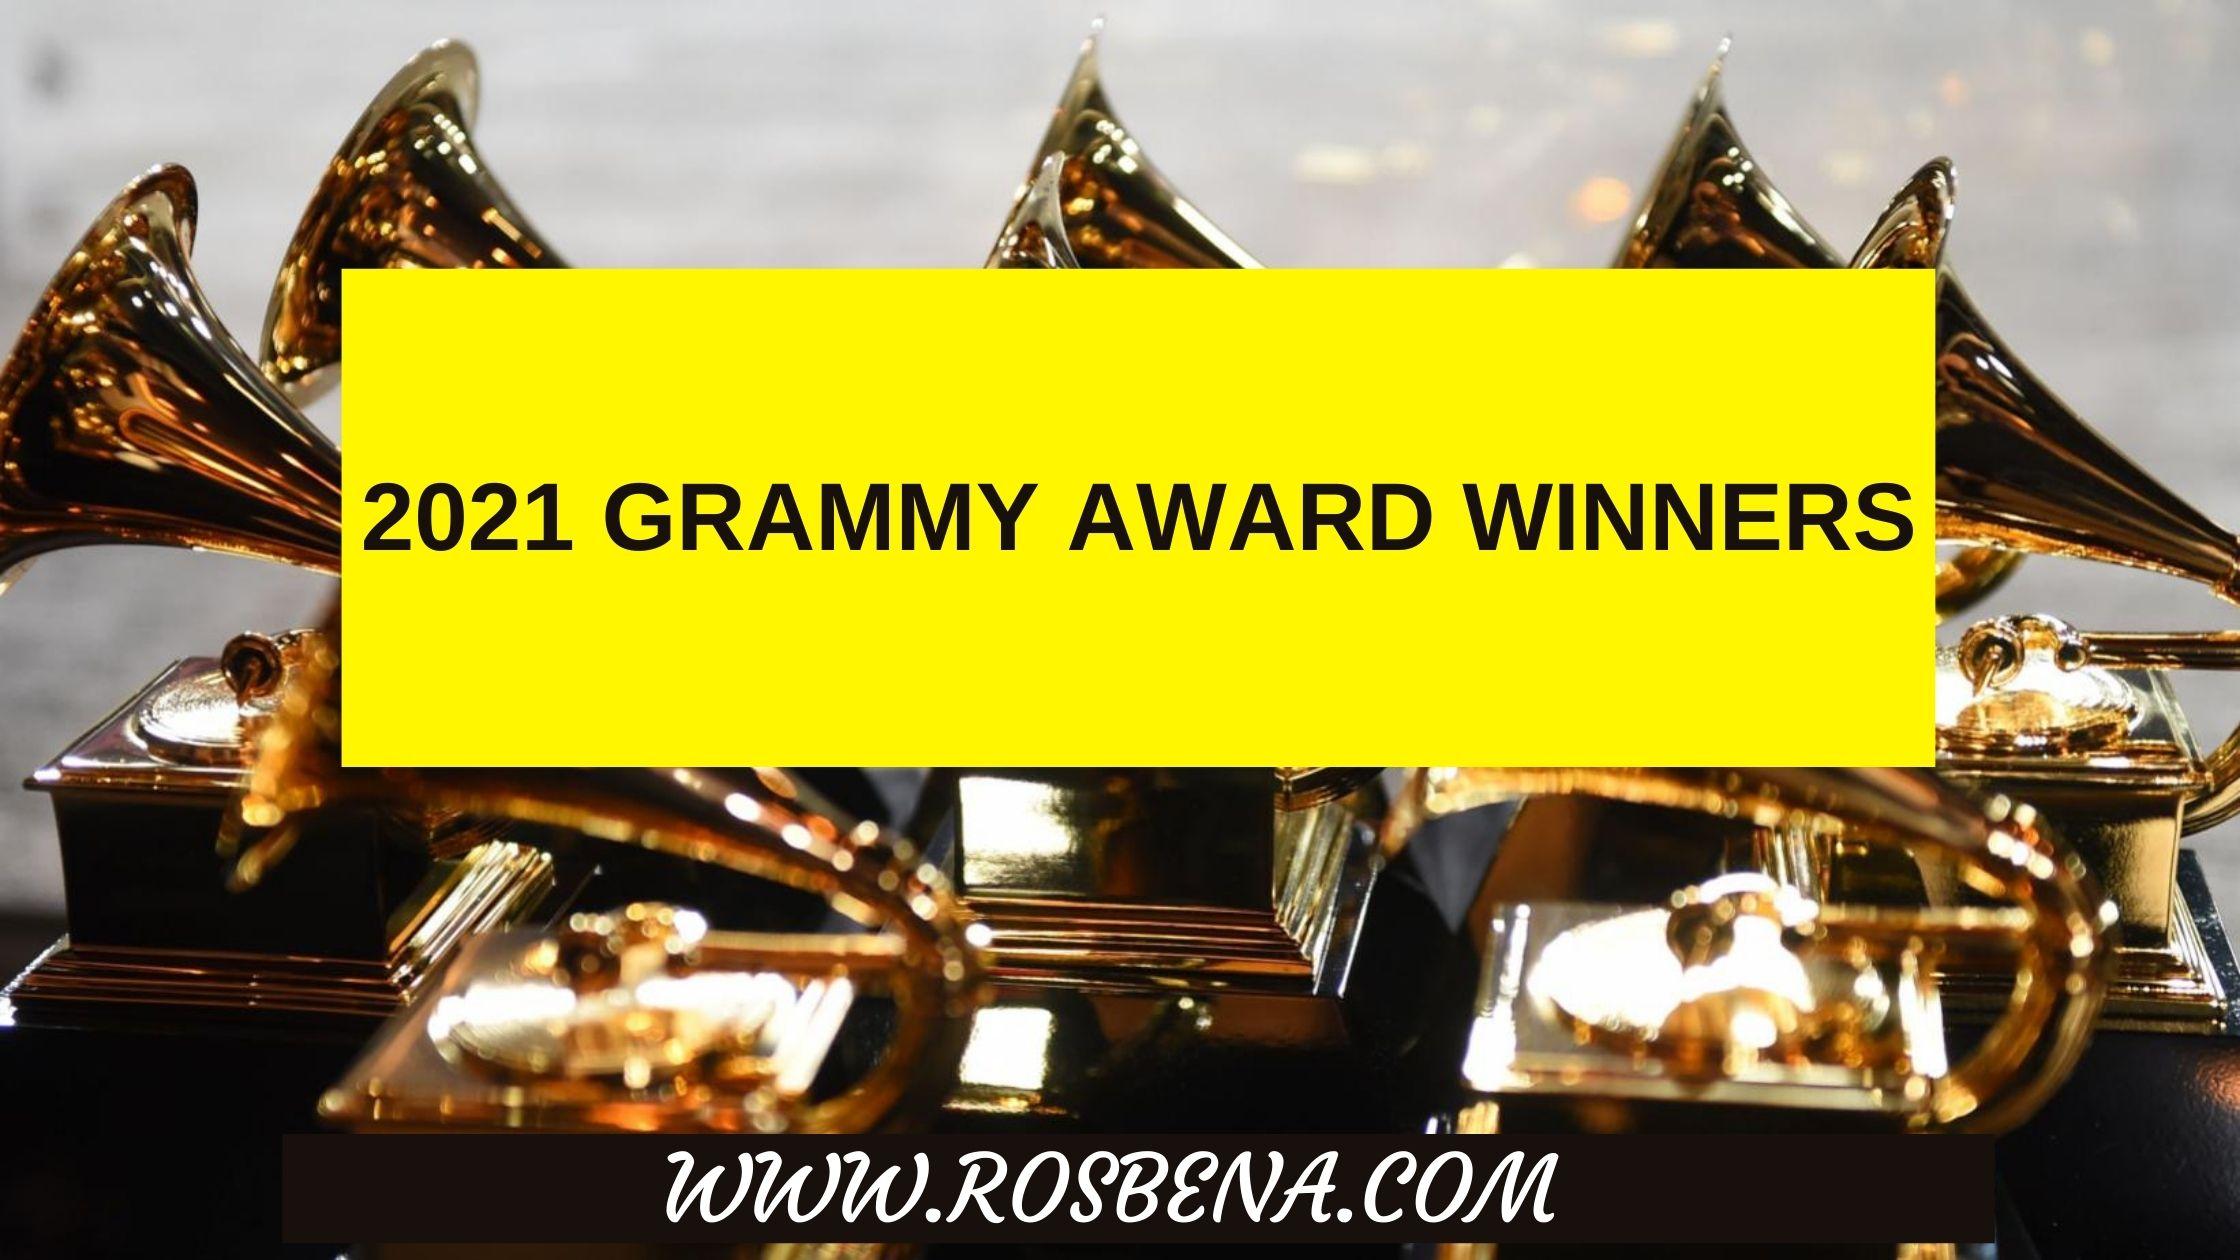 2021 Grammy Award Winners - Full List Of Winners